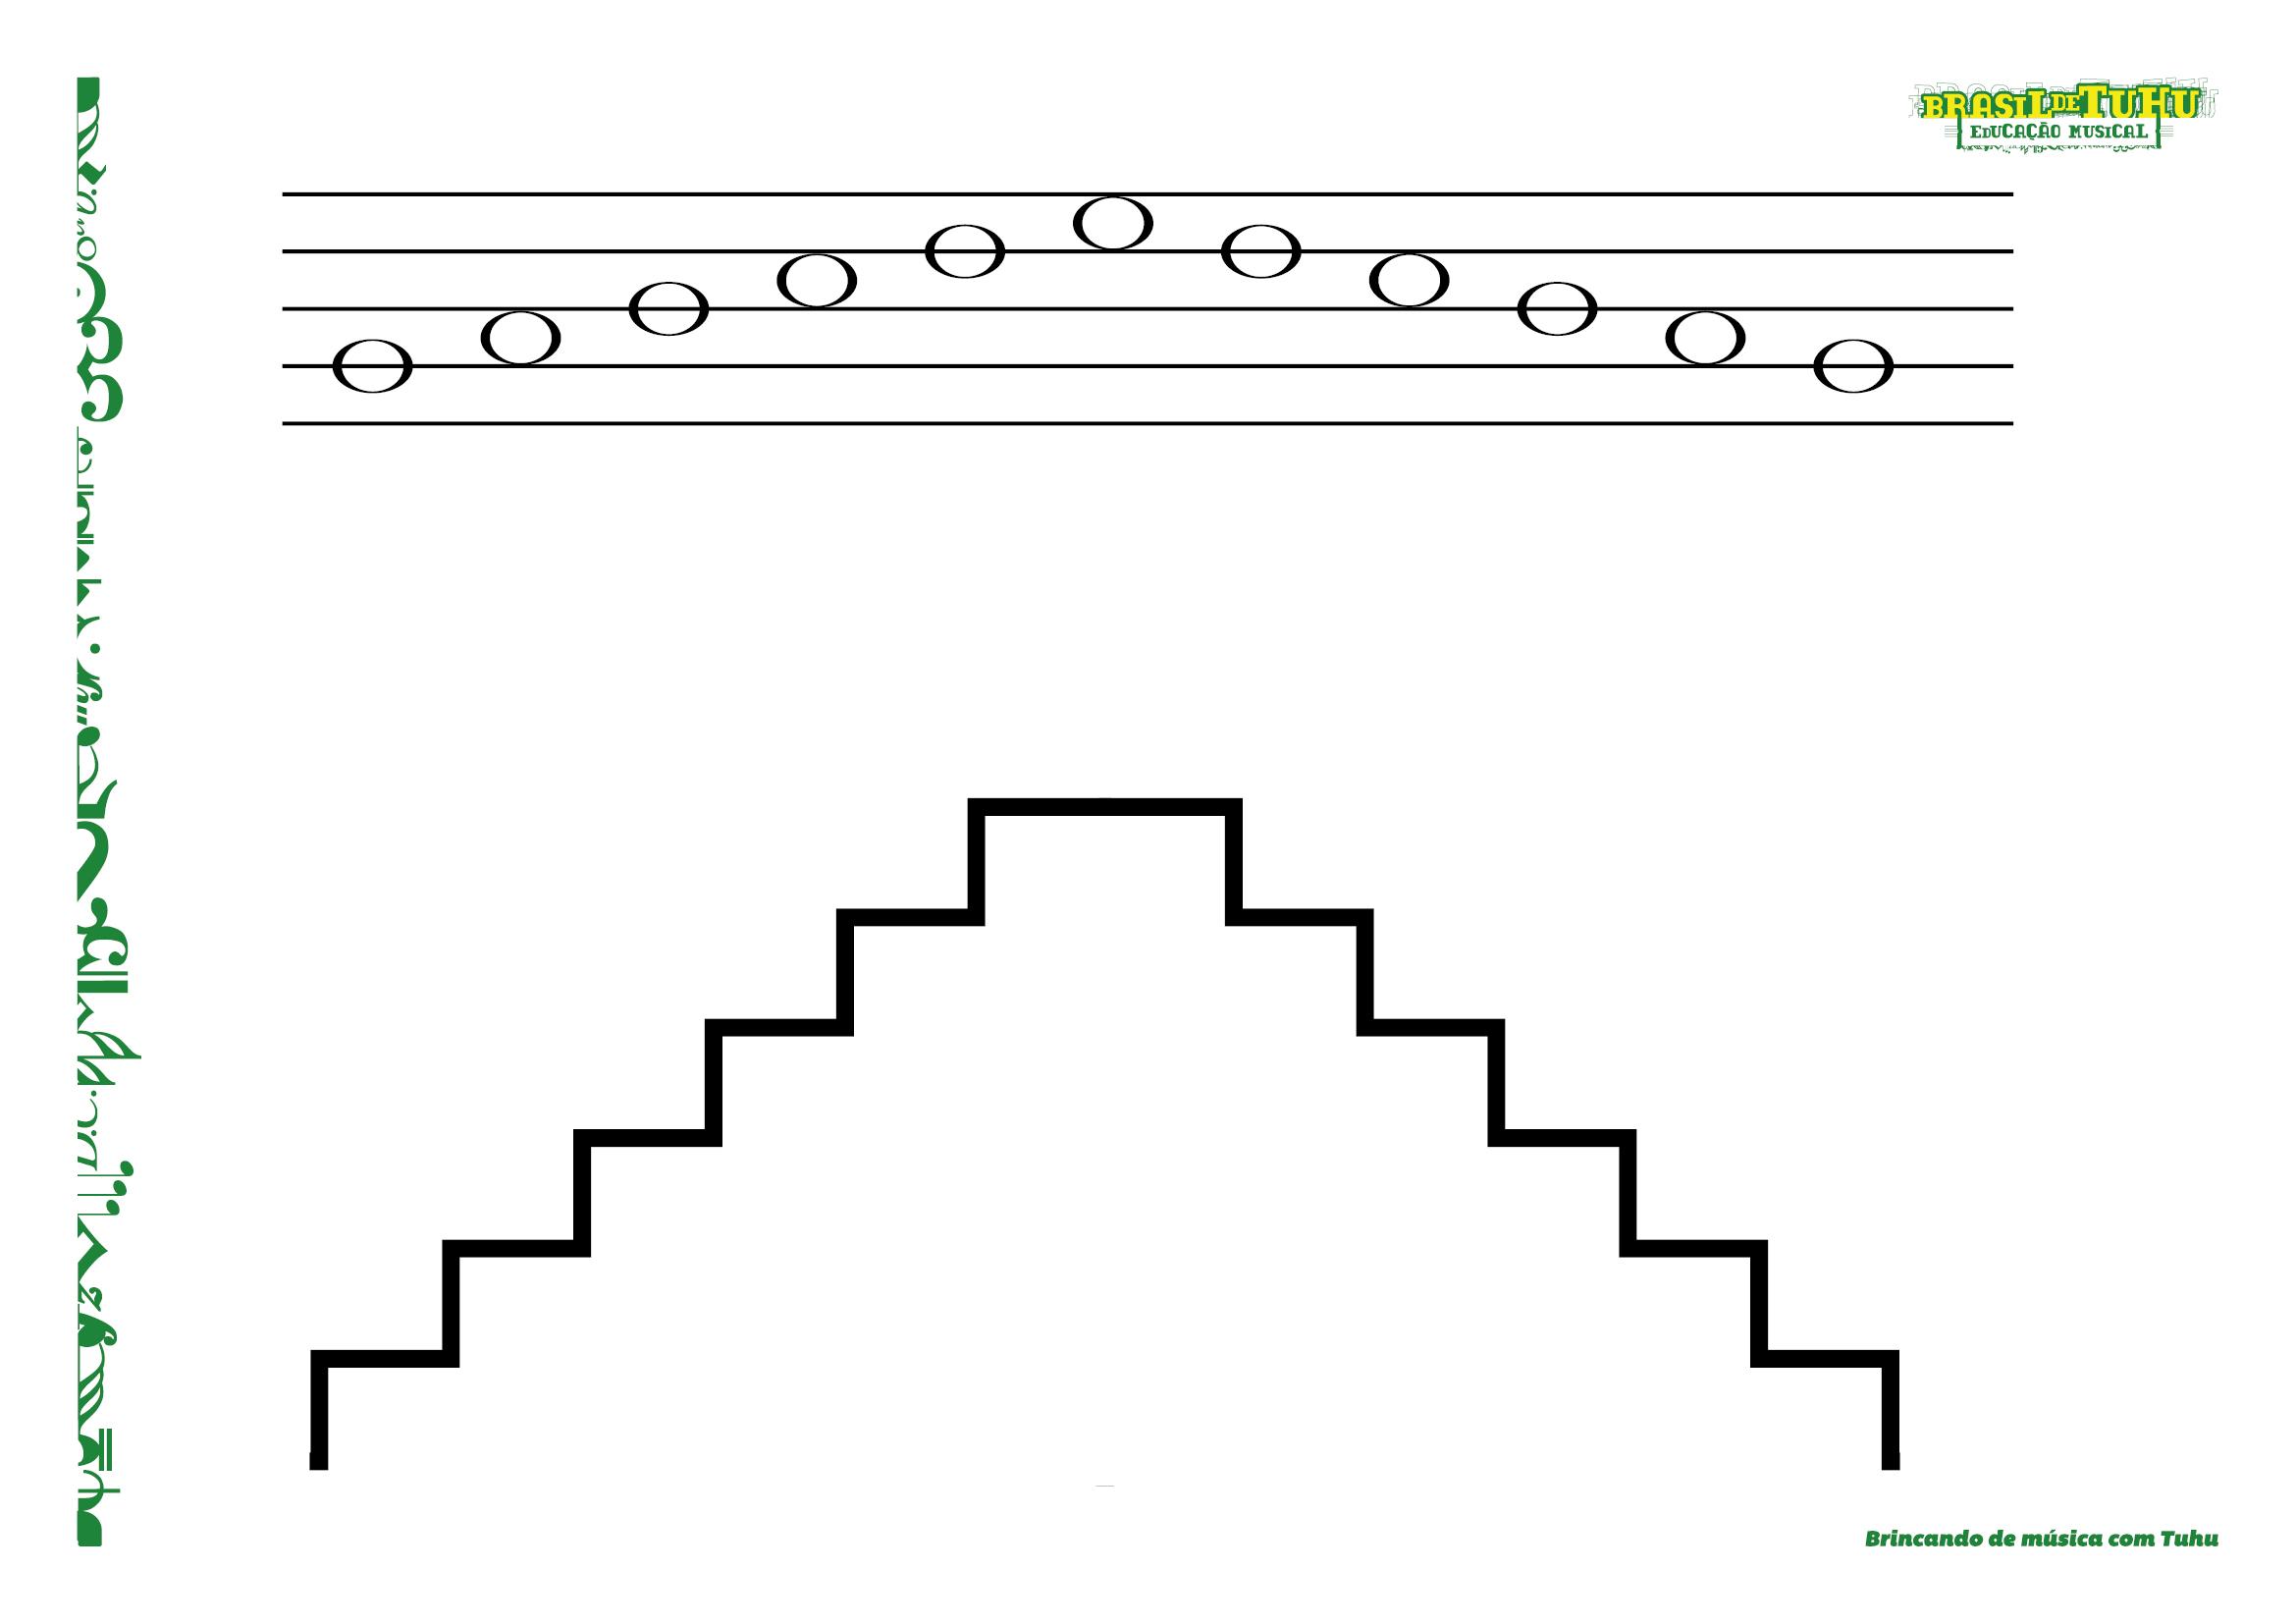 Cartela 11 - Página 18 da Guia Musical